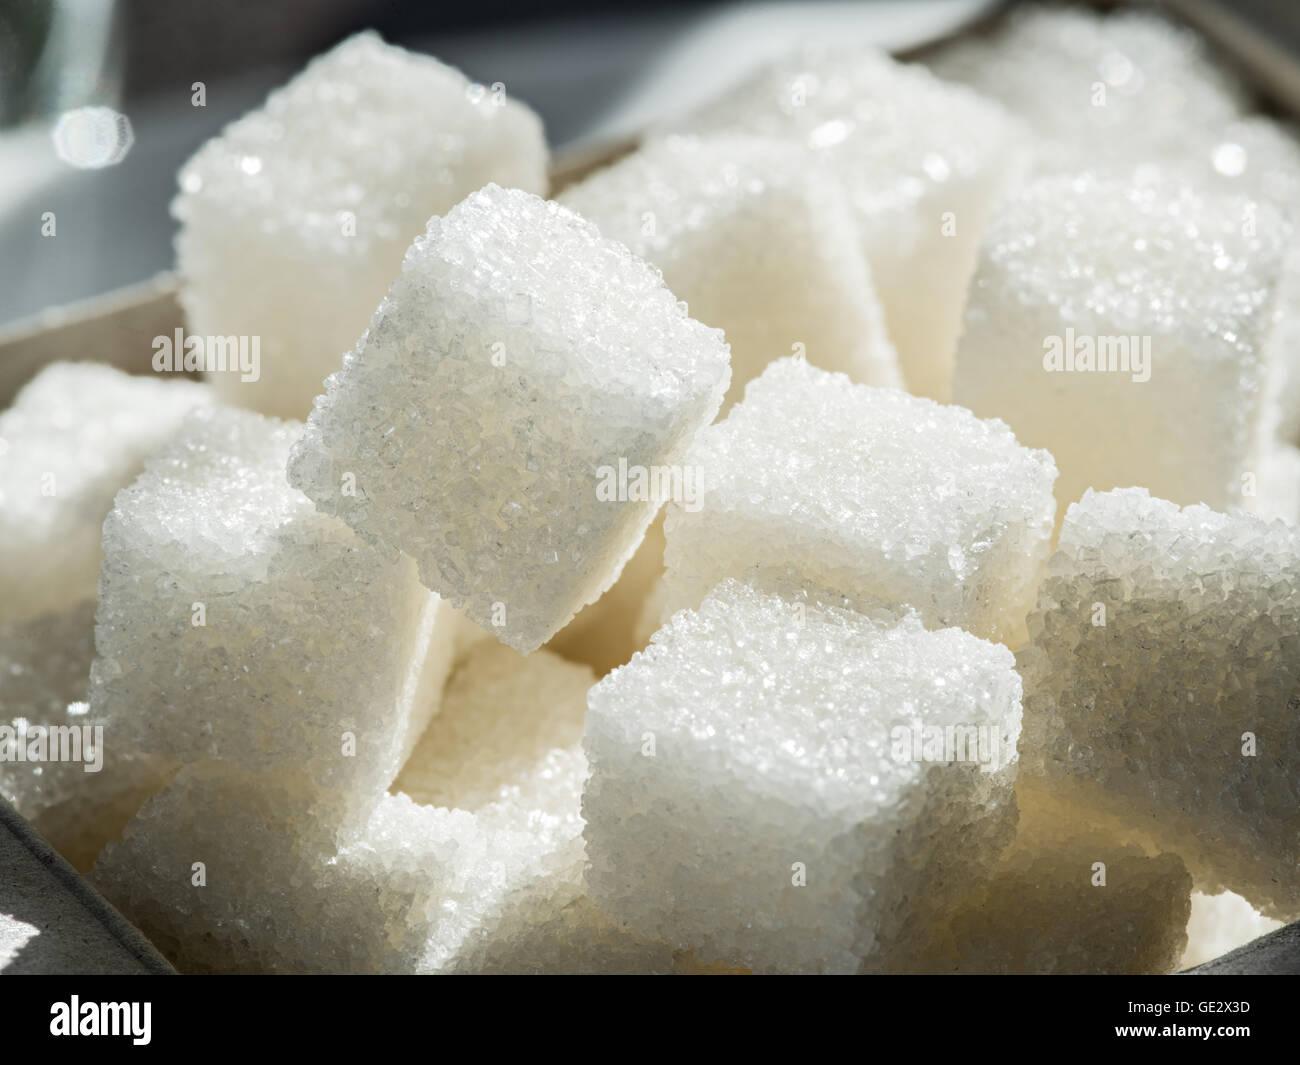 Immagine ravvicinata di bianco zucchero di raffineria. Immagini Stock